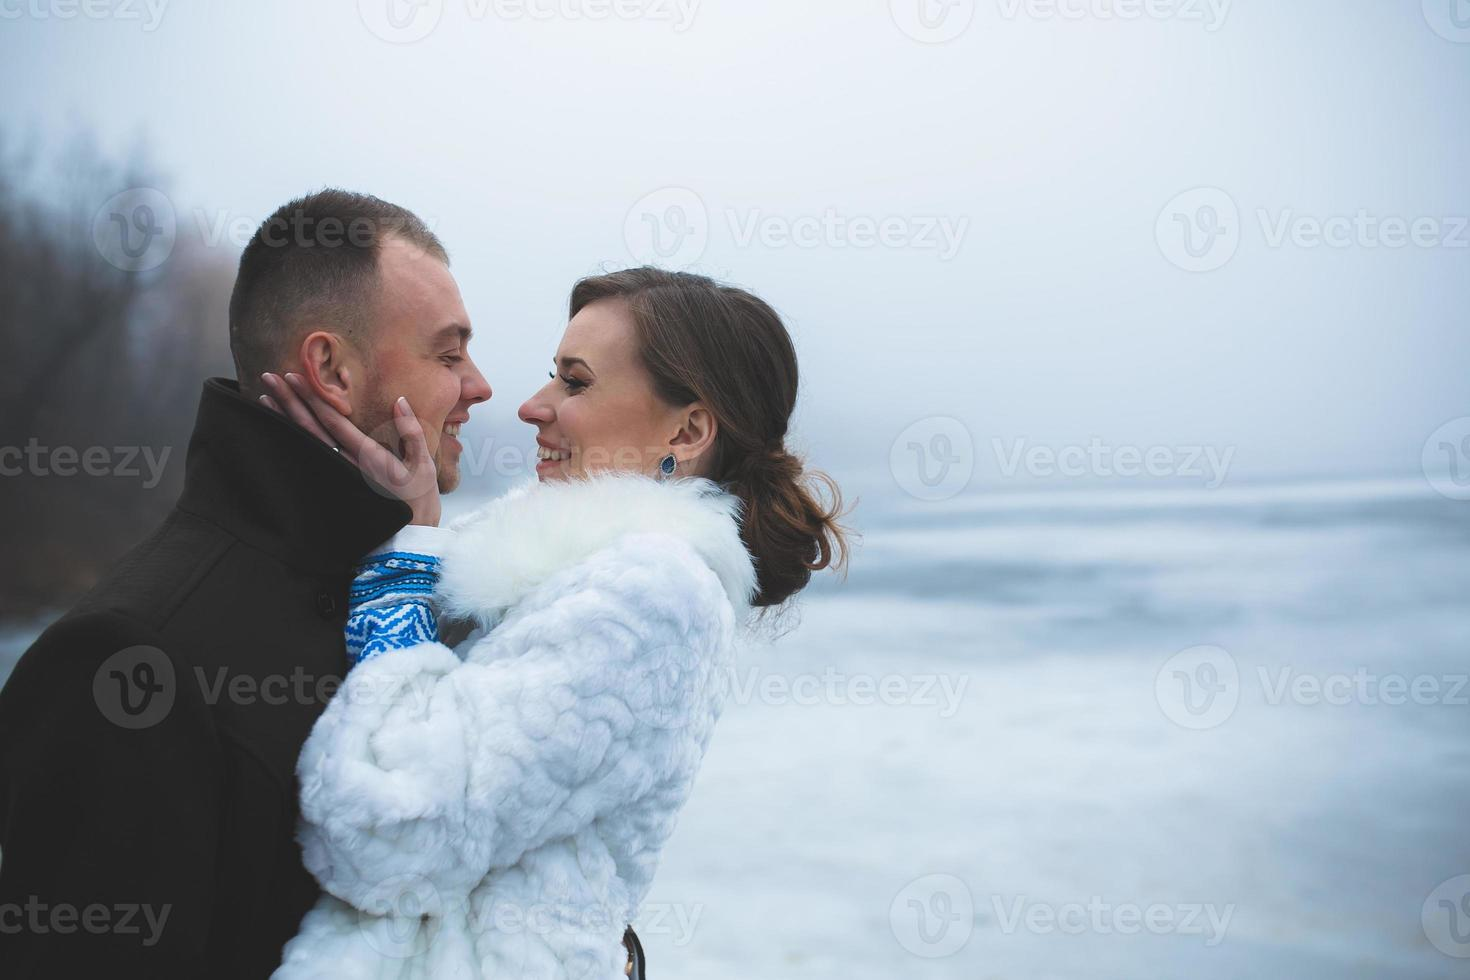 schönes Paar auf dem Dock im Winternebel. foto